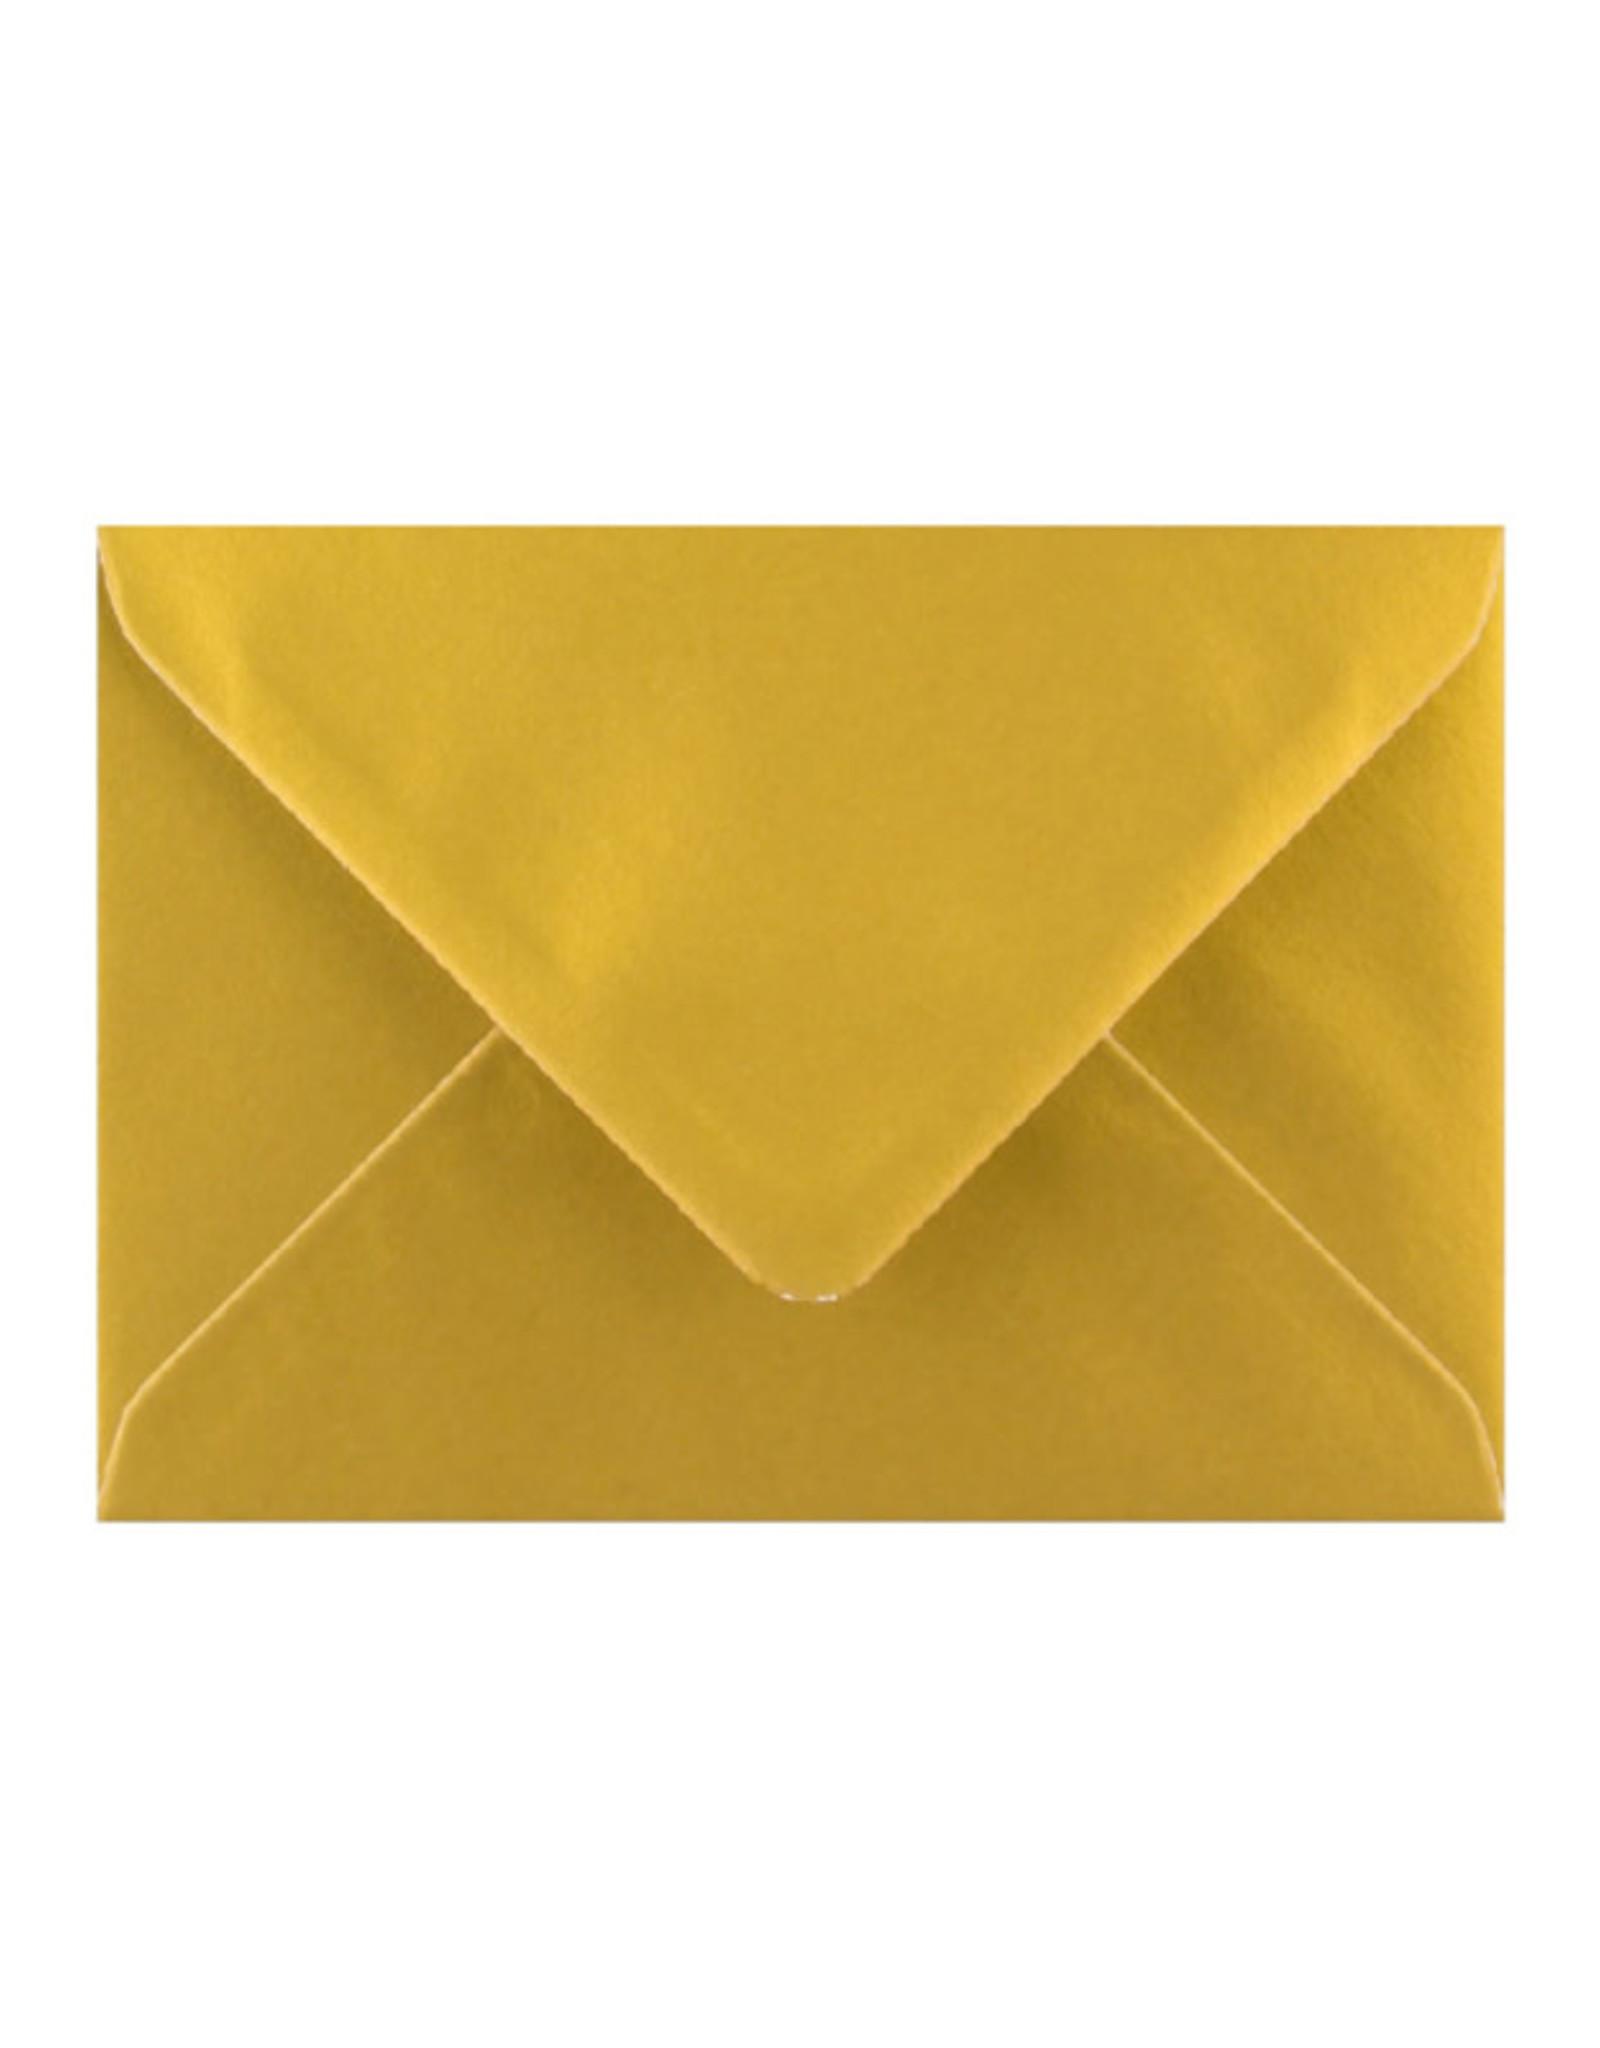 By romi by romi kaart a6 + gouden envelop: lach, leef geniet en herhaal t morgen